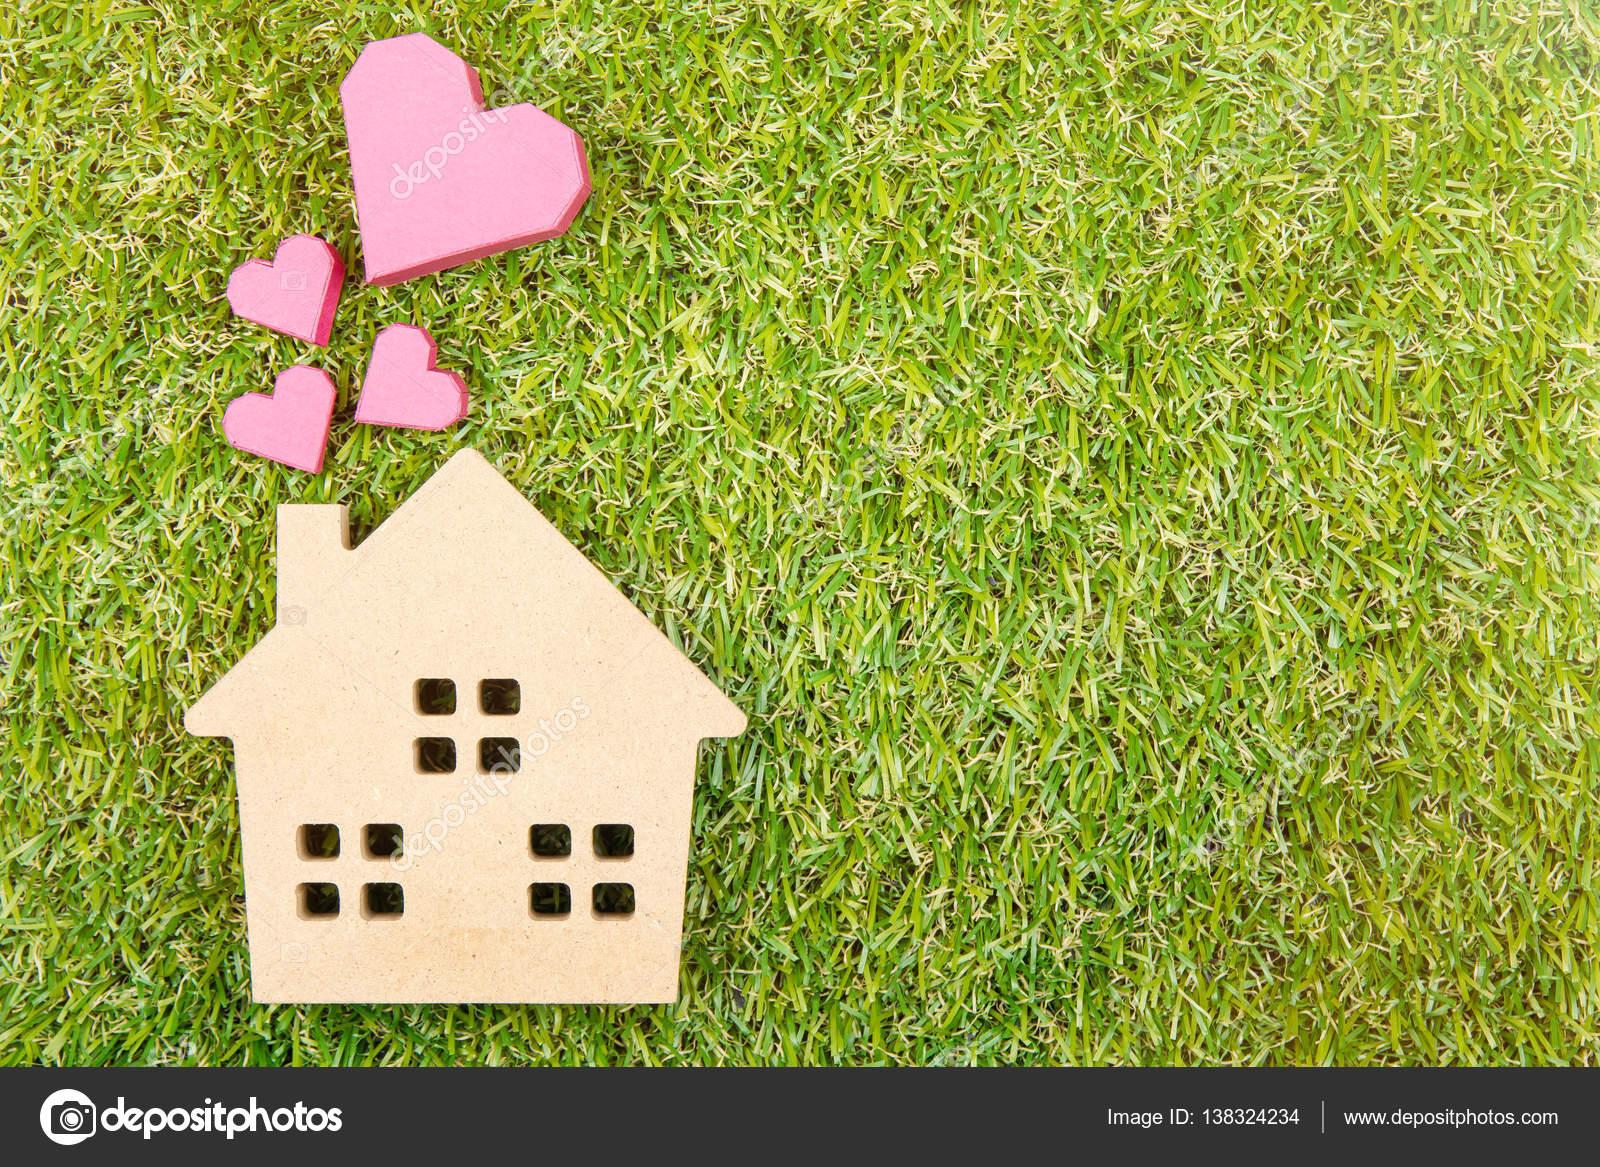 Holzhaus Spielzeug Und Papier Box Rot Herzform Am Boden Grun G